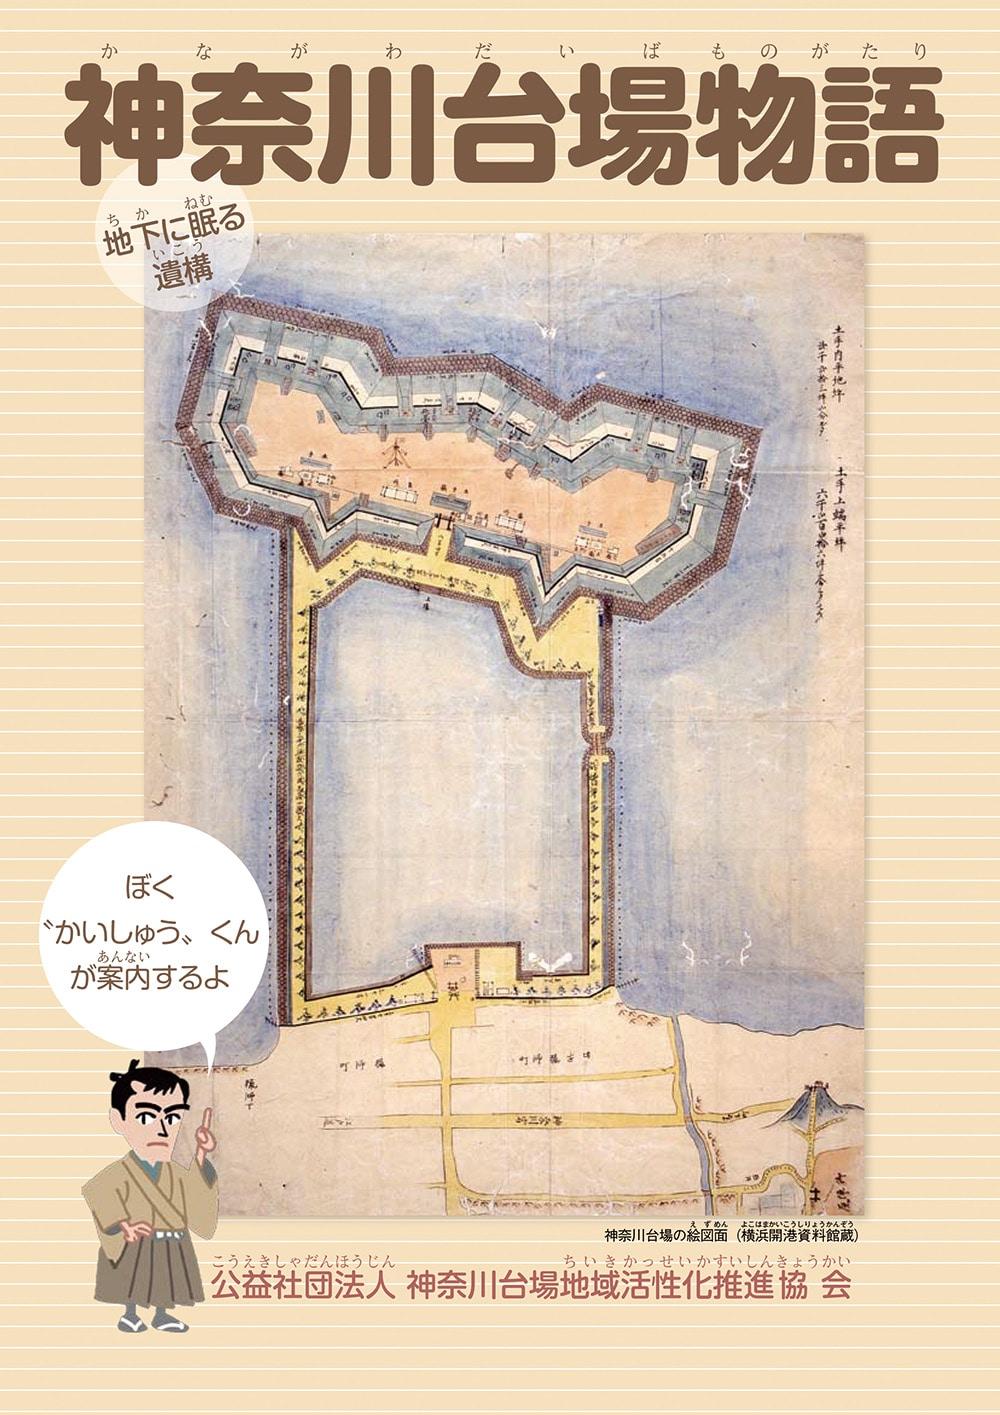 『神奈川台場物語』2018年9月 公益社団法人神奈川台場地域活性化推進協会刊